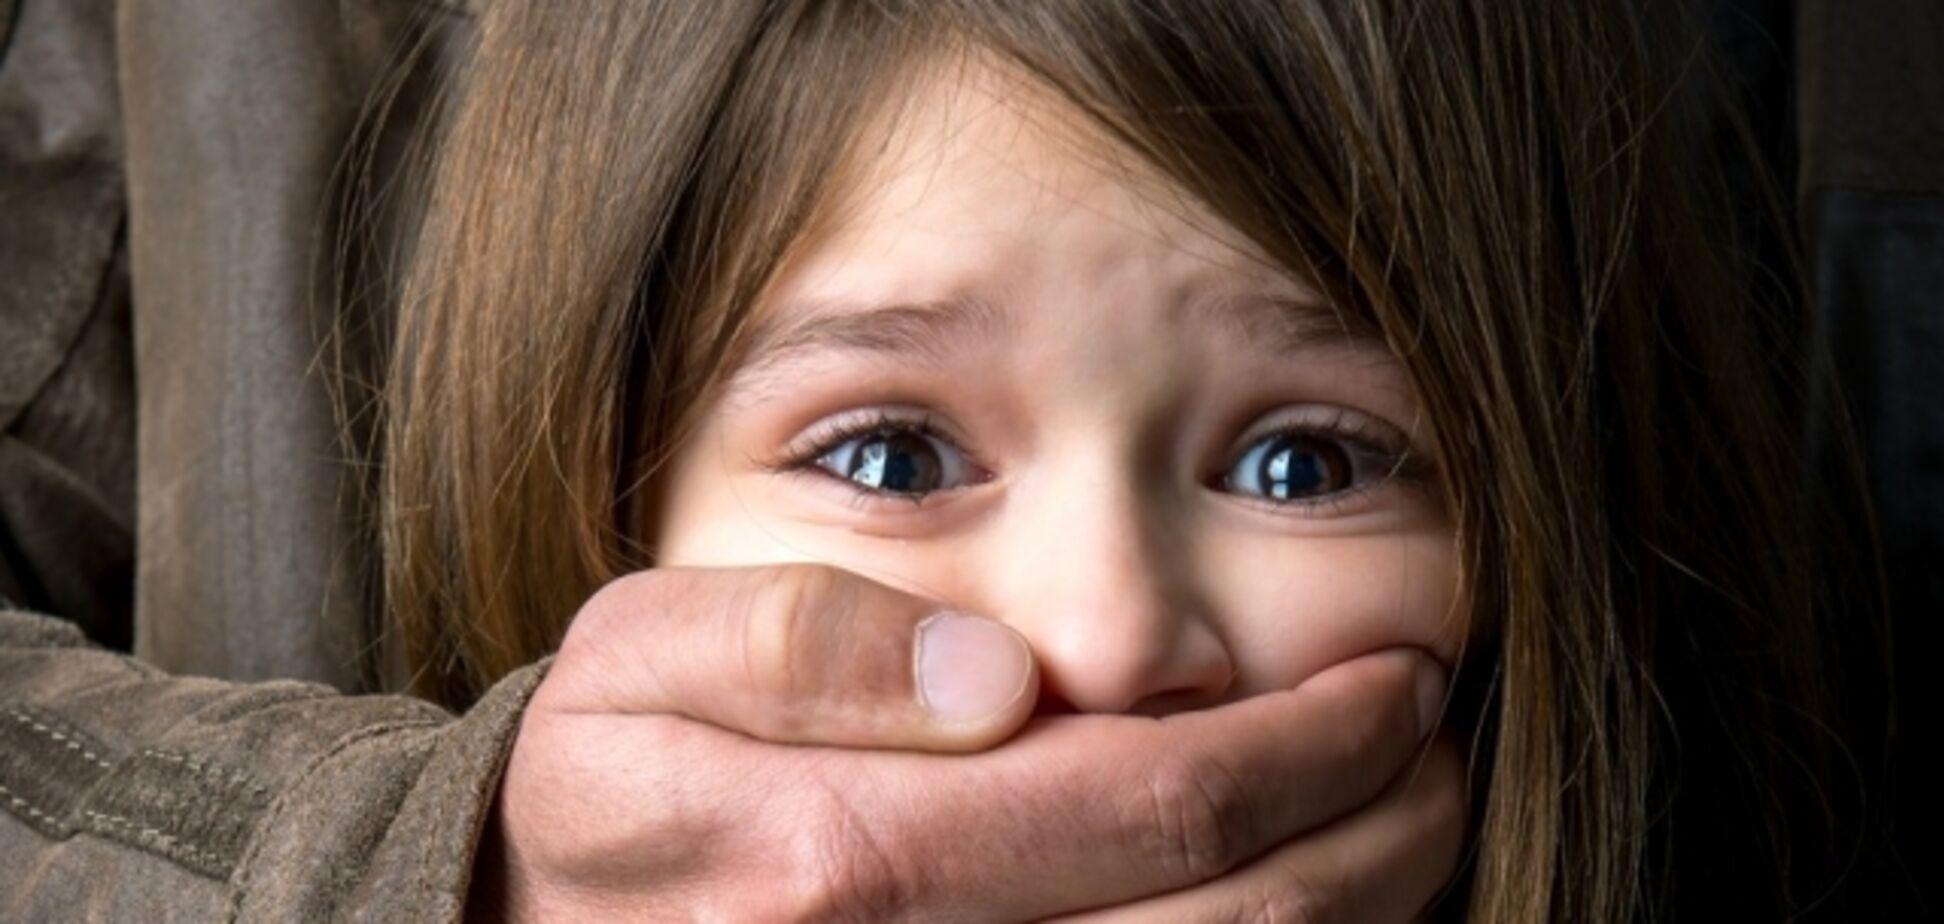 Вовремя спохватились: на Житомирщине строители спасли ребенка от педофила